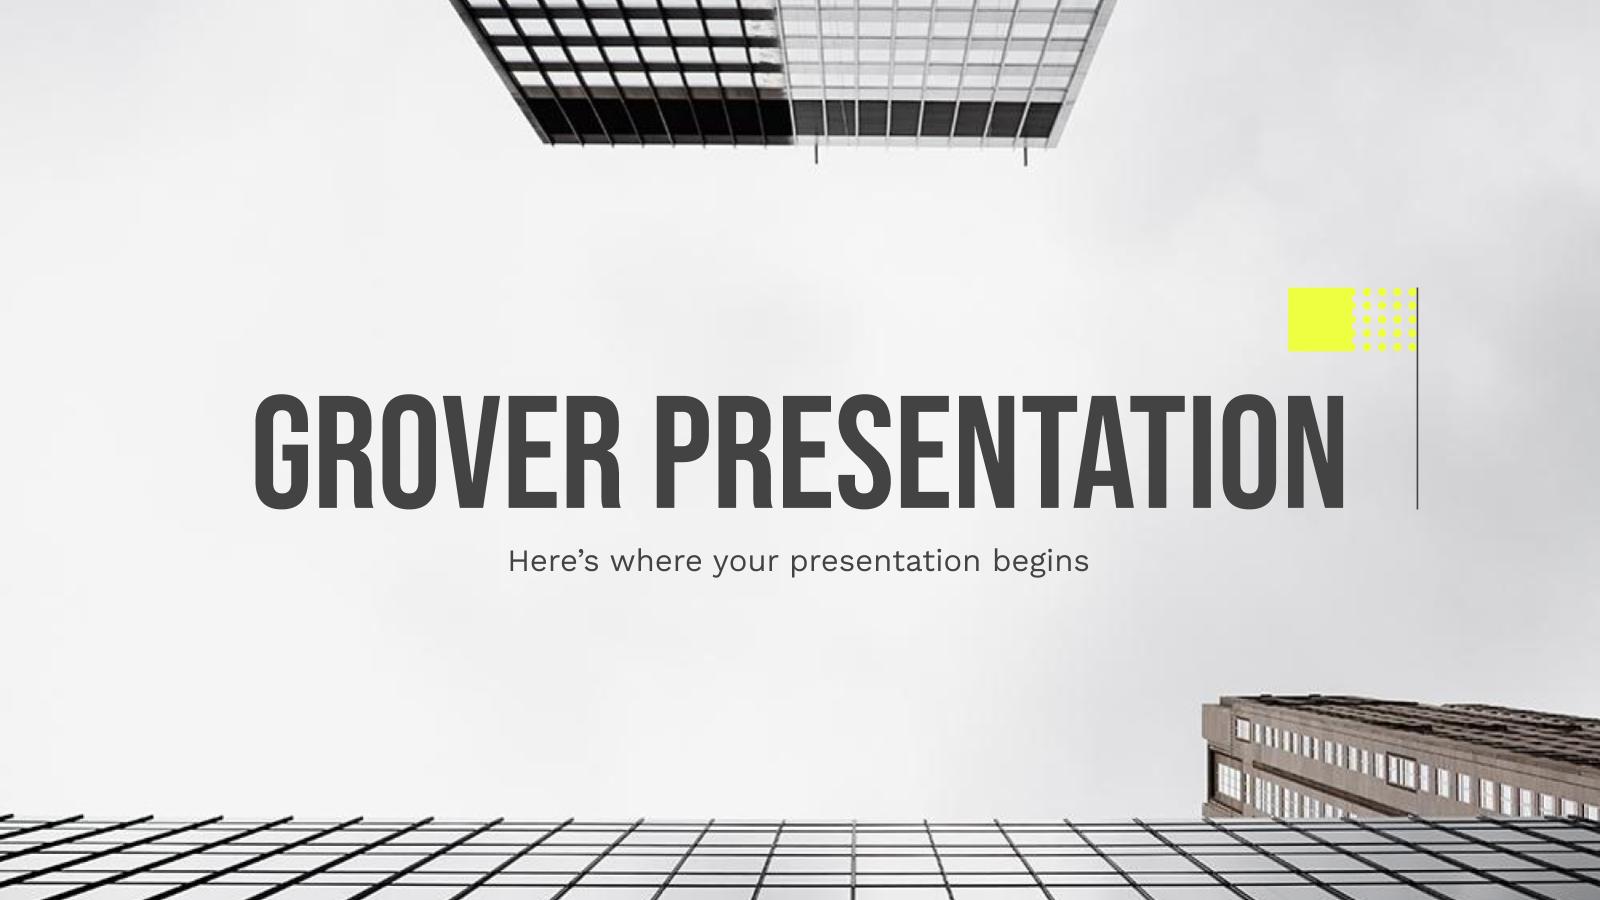 Modelo de apresentação Grover